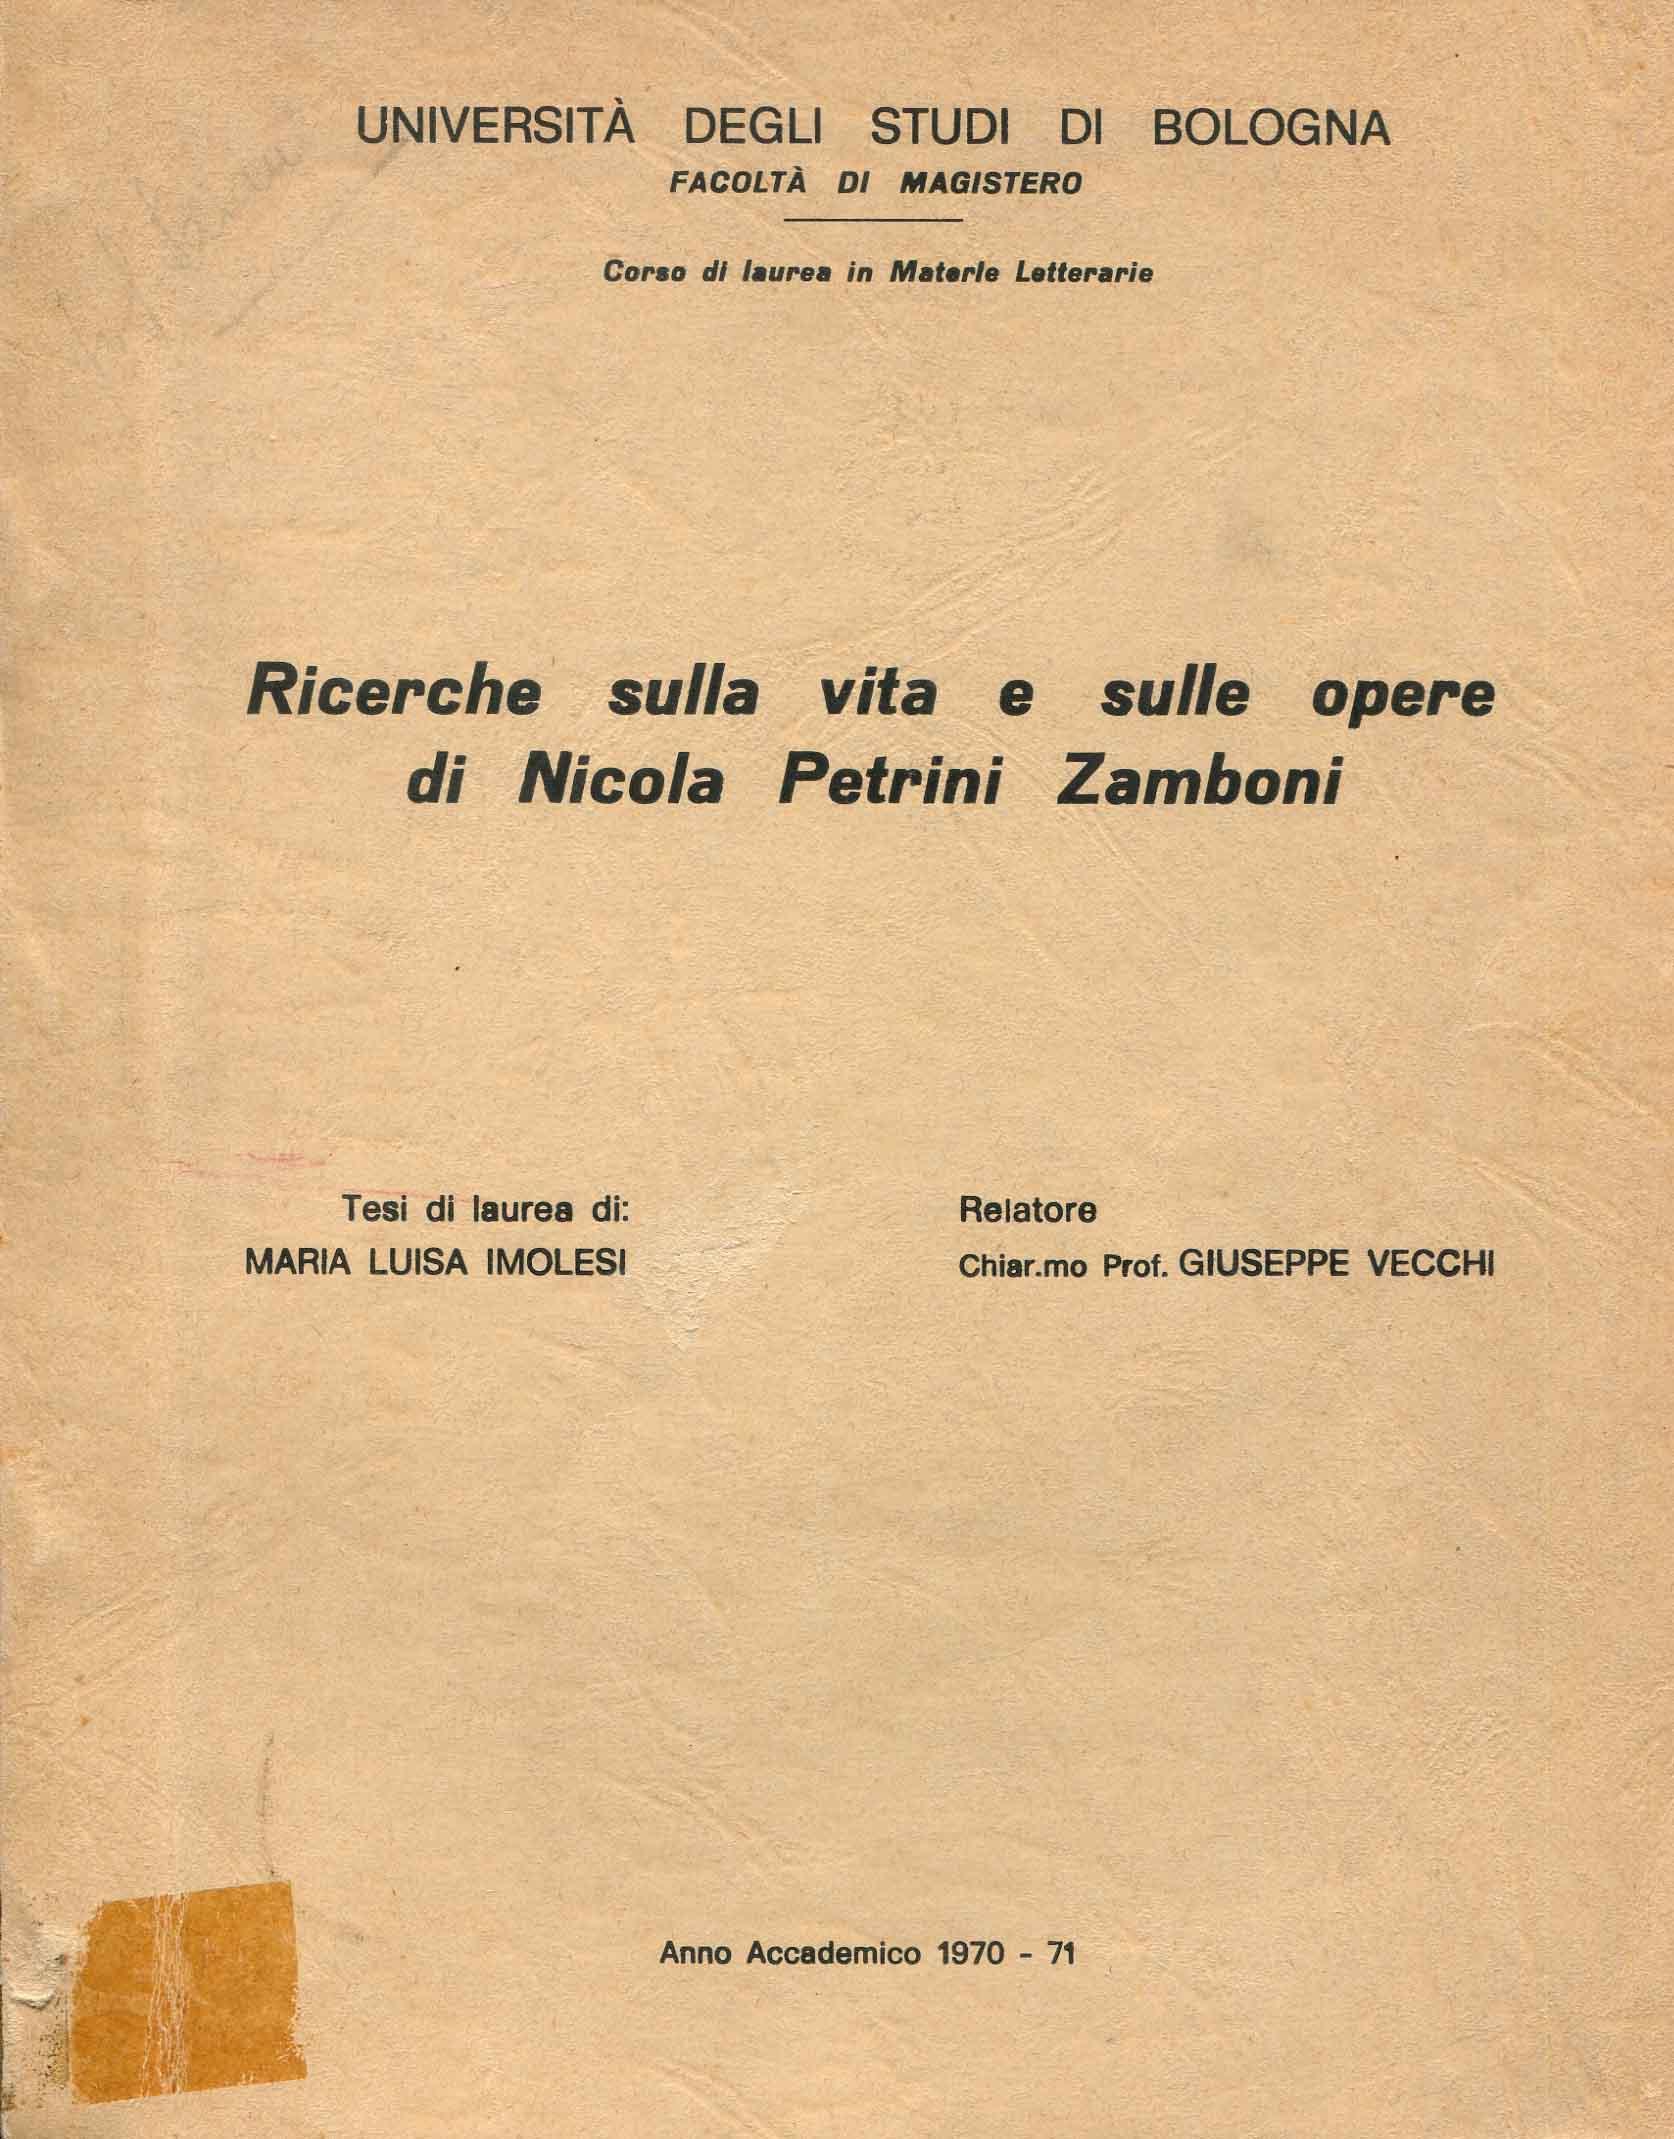 Ricerche sulla vita e sulle opere di Nicola Petrini Zamboni